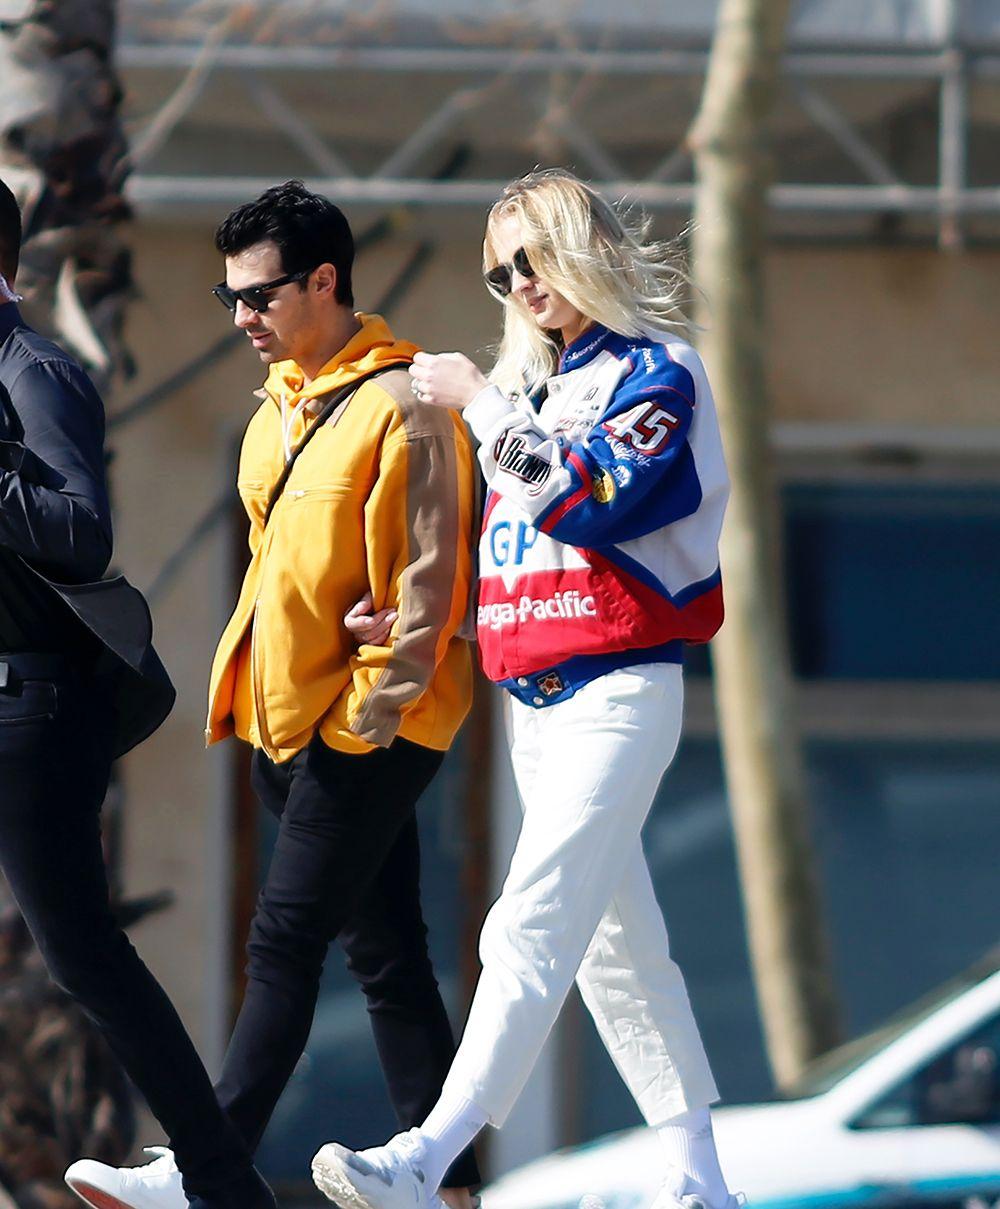 好莱坞小夫妻,乔·乔纳斯与索菲·特纳,歌手与演员的完美组合